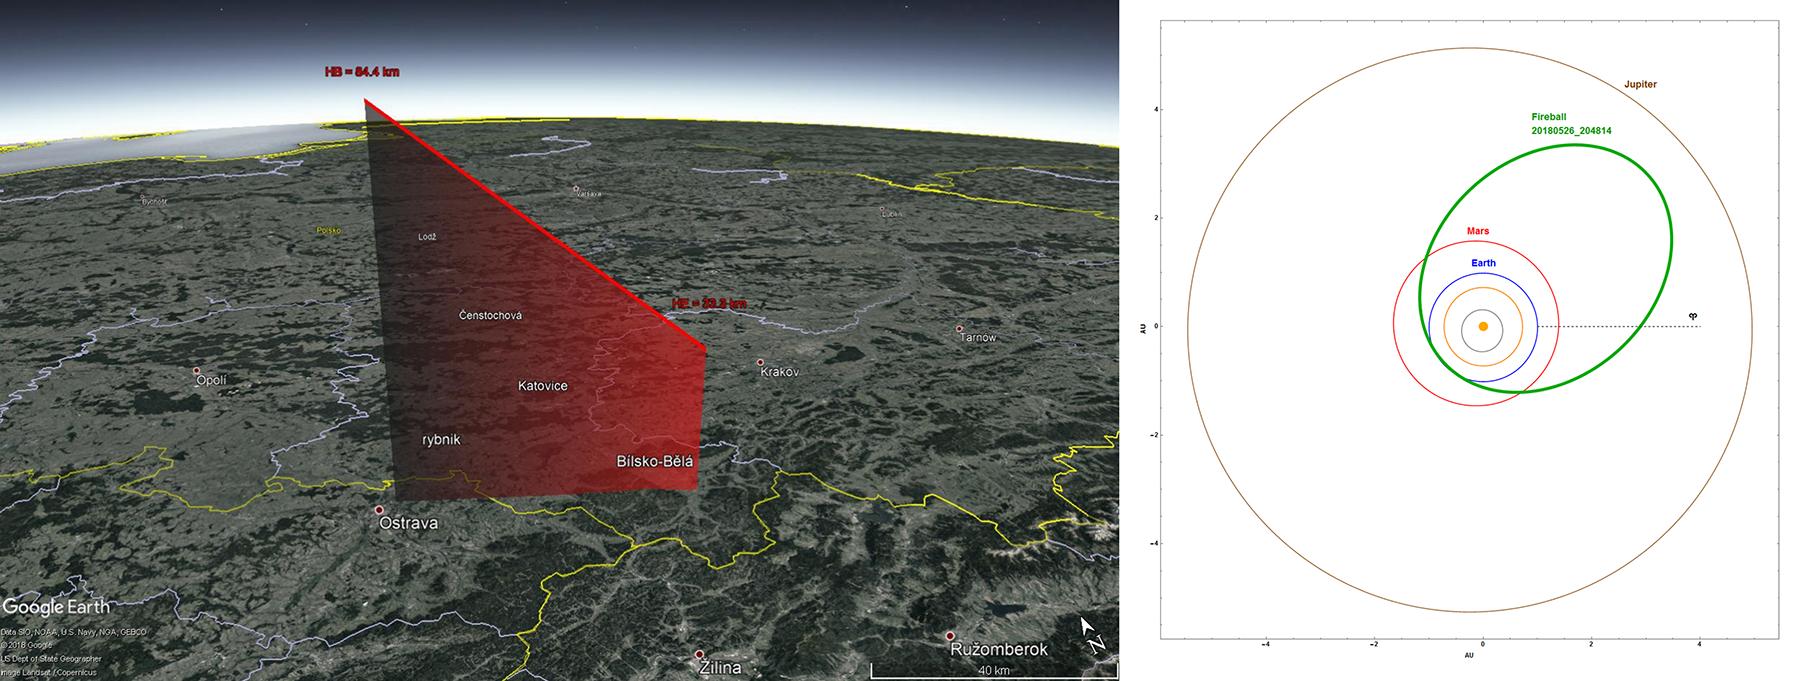 Obr.2: 3D projekce (vlevo) atmosférické dráhy bolidu 20180526_204814 na povrch Země (zdroj mapového podkladu: Google Earth, Google Inc.) a projekce dráhy bolidu ve Sluneční soustavě (vpravo), včetně vlivu decelerace (polární systém souřadnic). Autor: Jakub Koukal